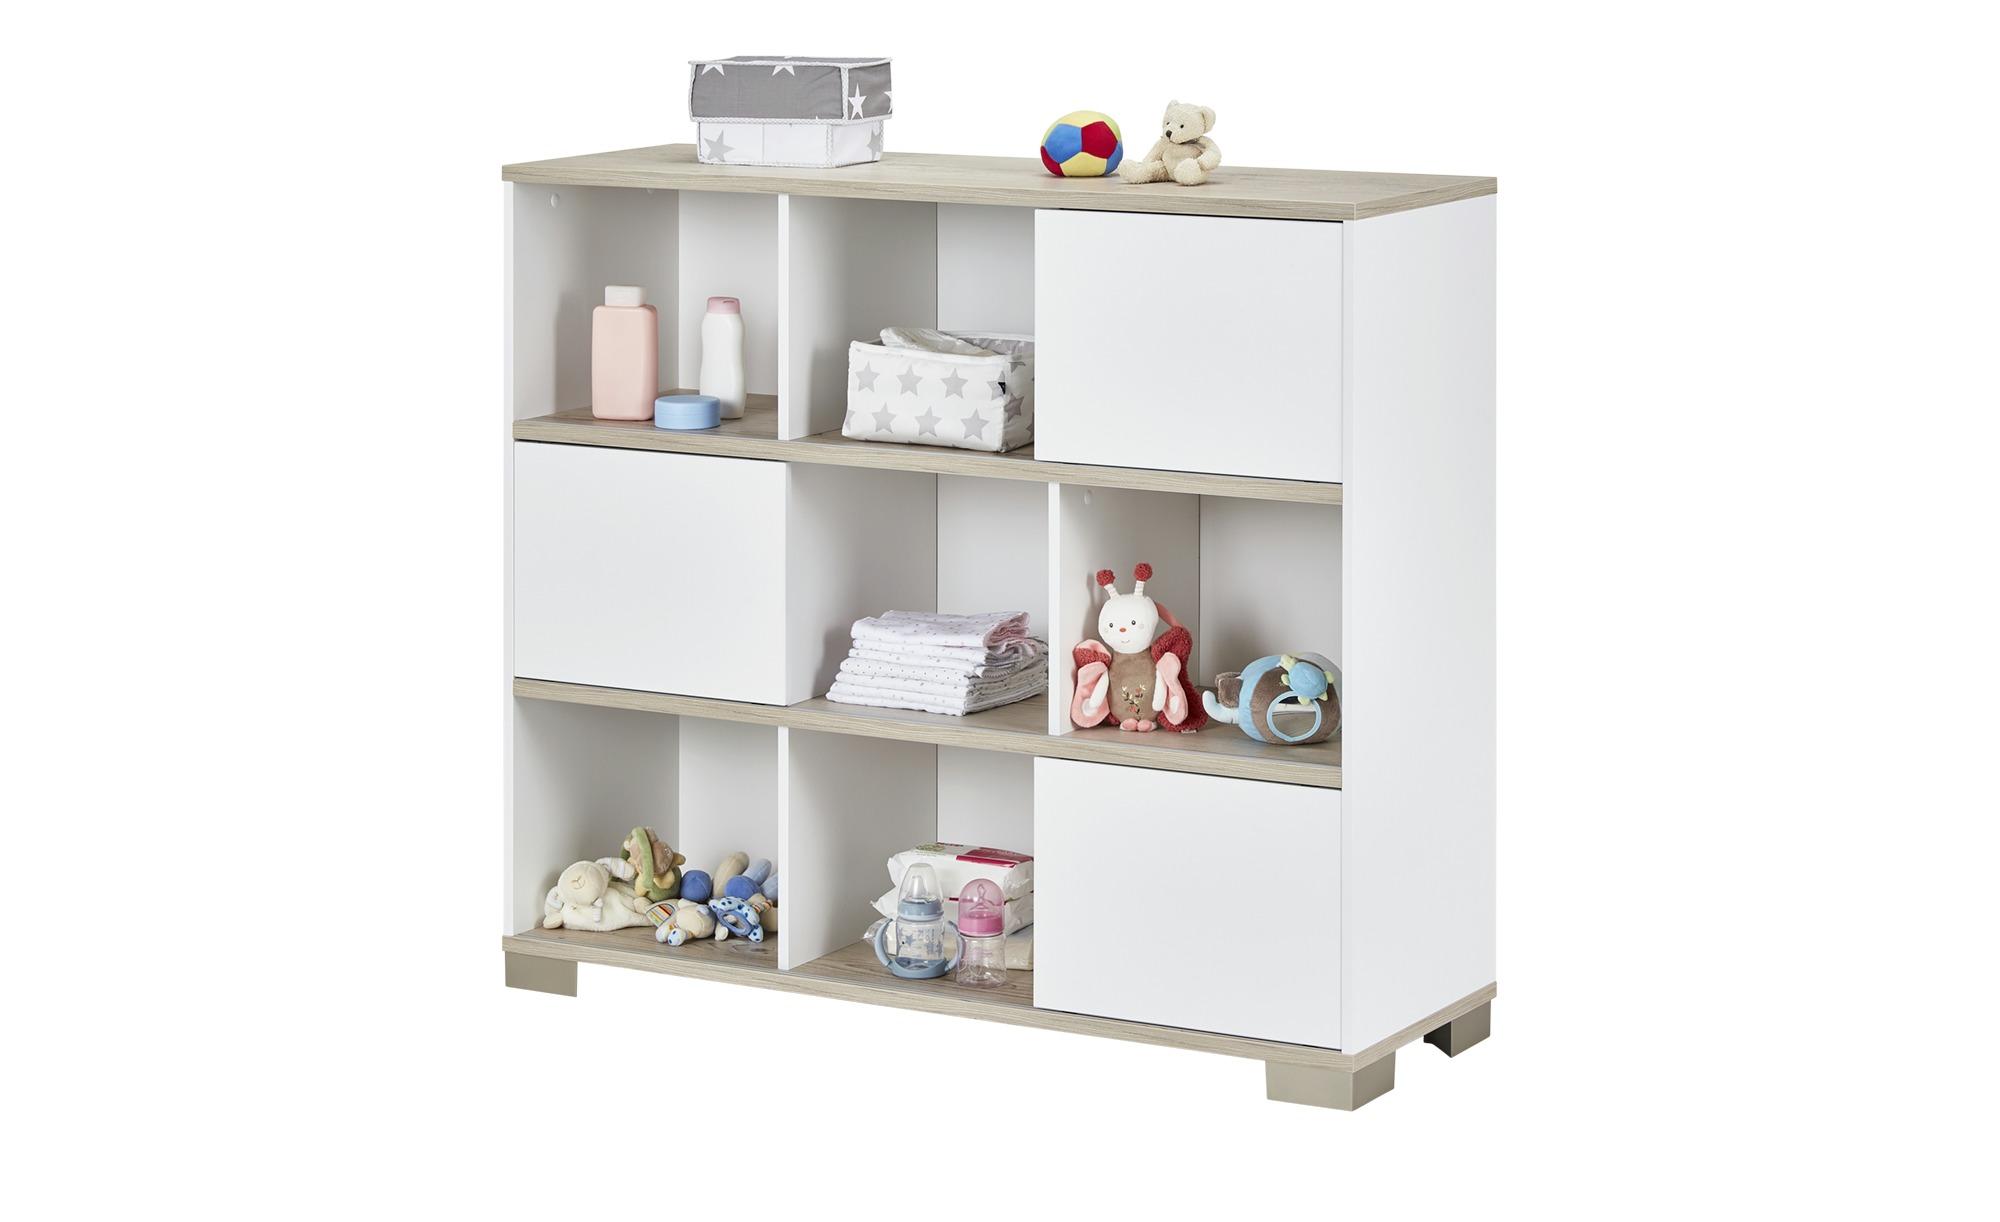 PAIDI Standregal mit Schiebetüren  Carlo - weiß - 126,8 cm - 112,8 cm - 40,6 cm - Regale > Bücherregale - Möbel Kraft | Wohnzimmer > Regale | PAIDI